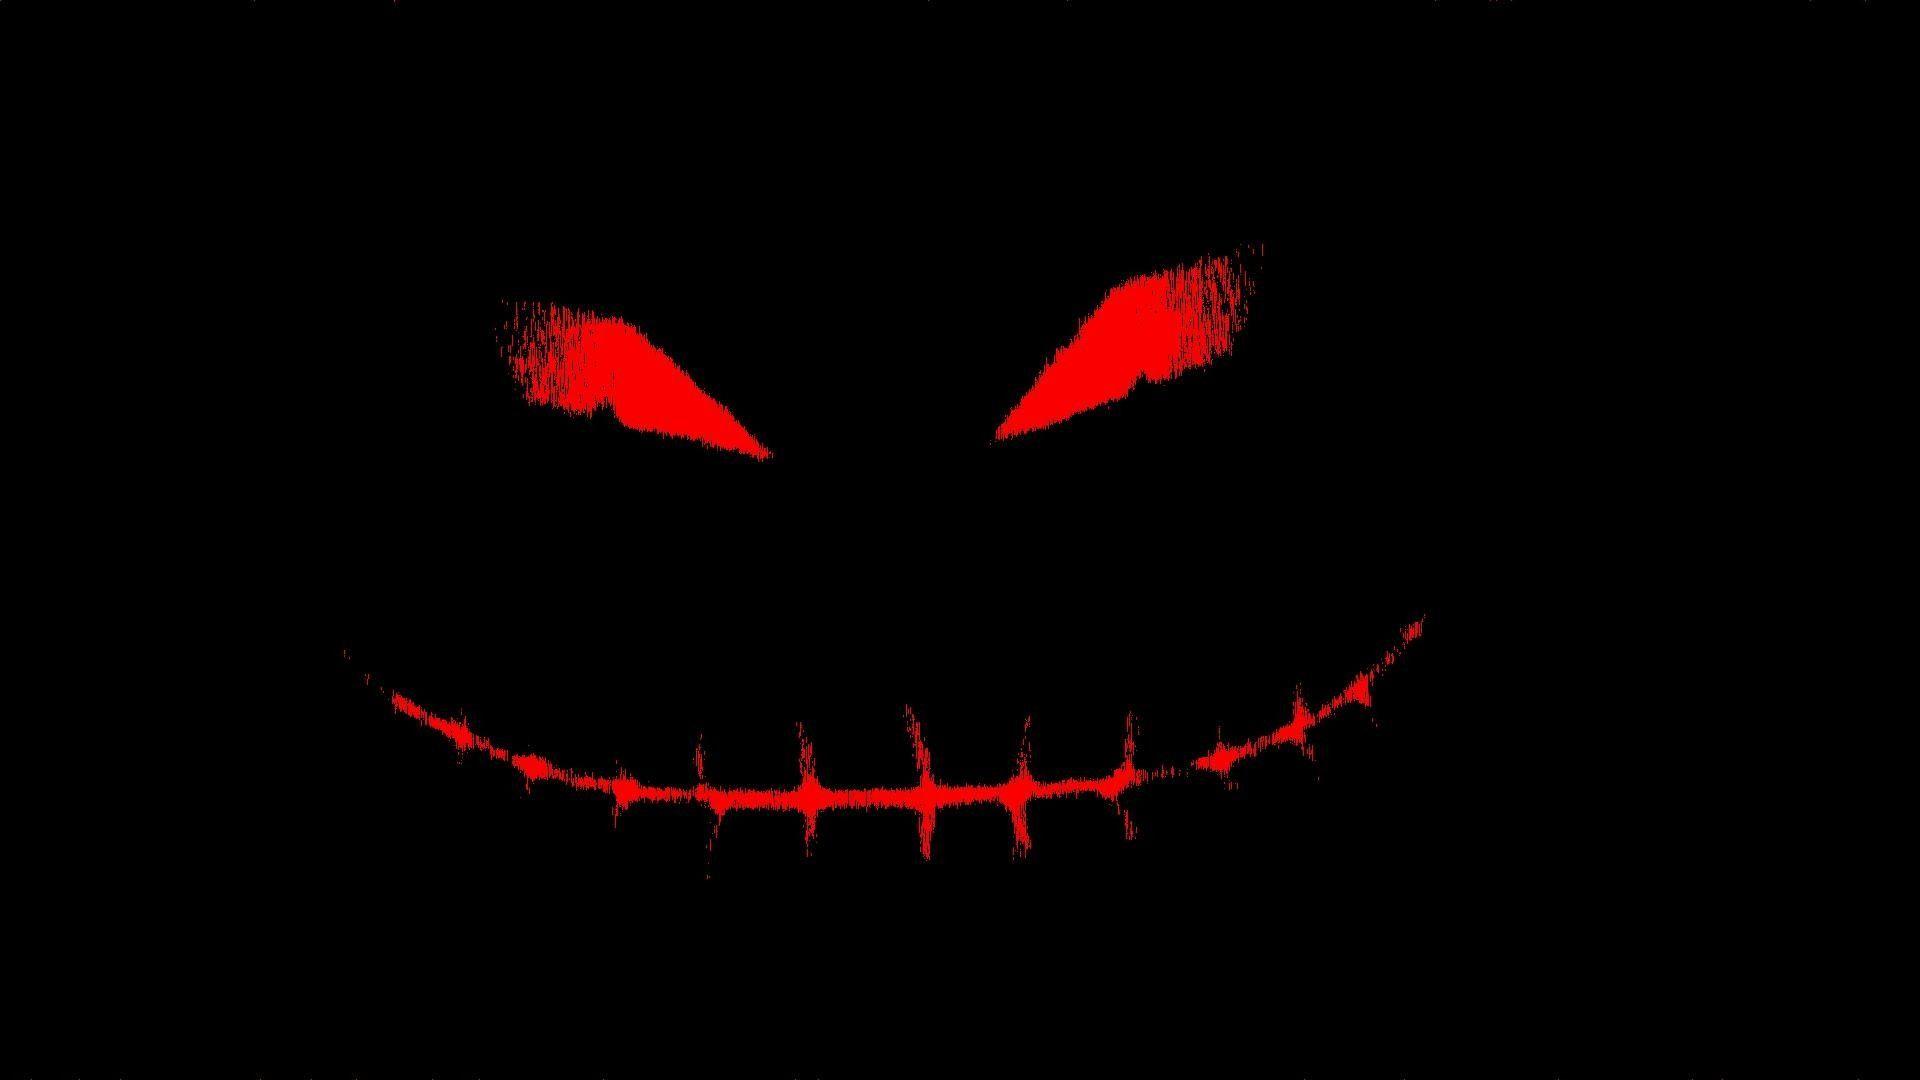 Pin on Das Böse hat viele Gesichter.